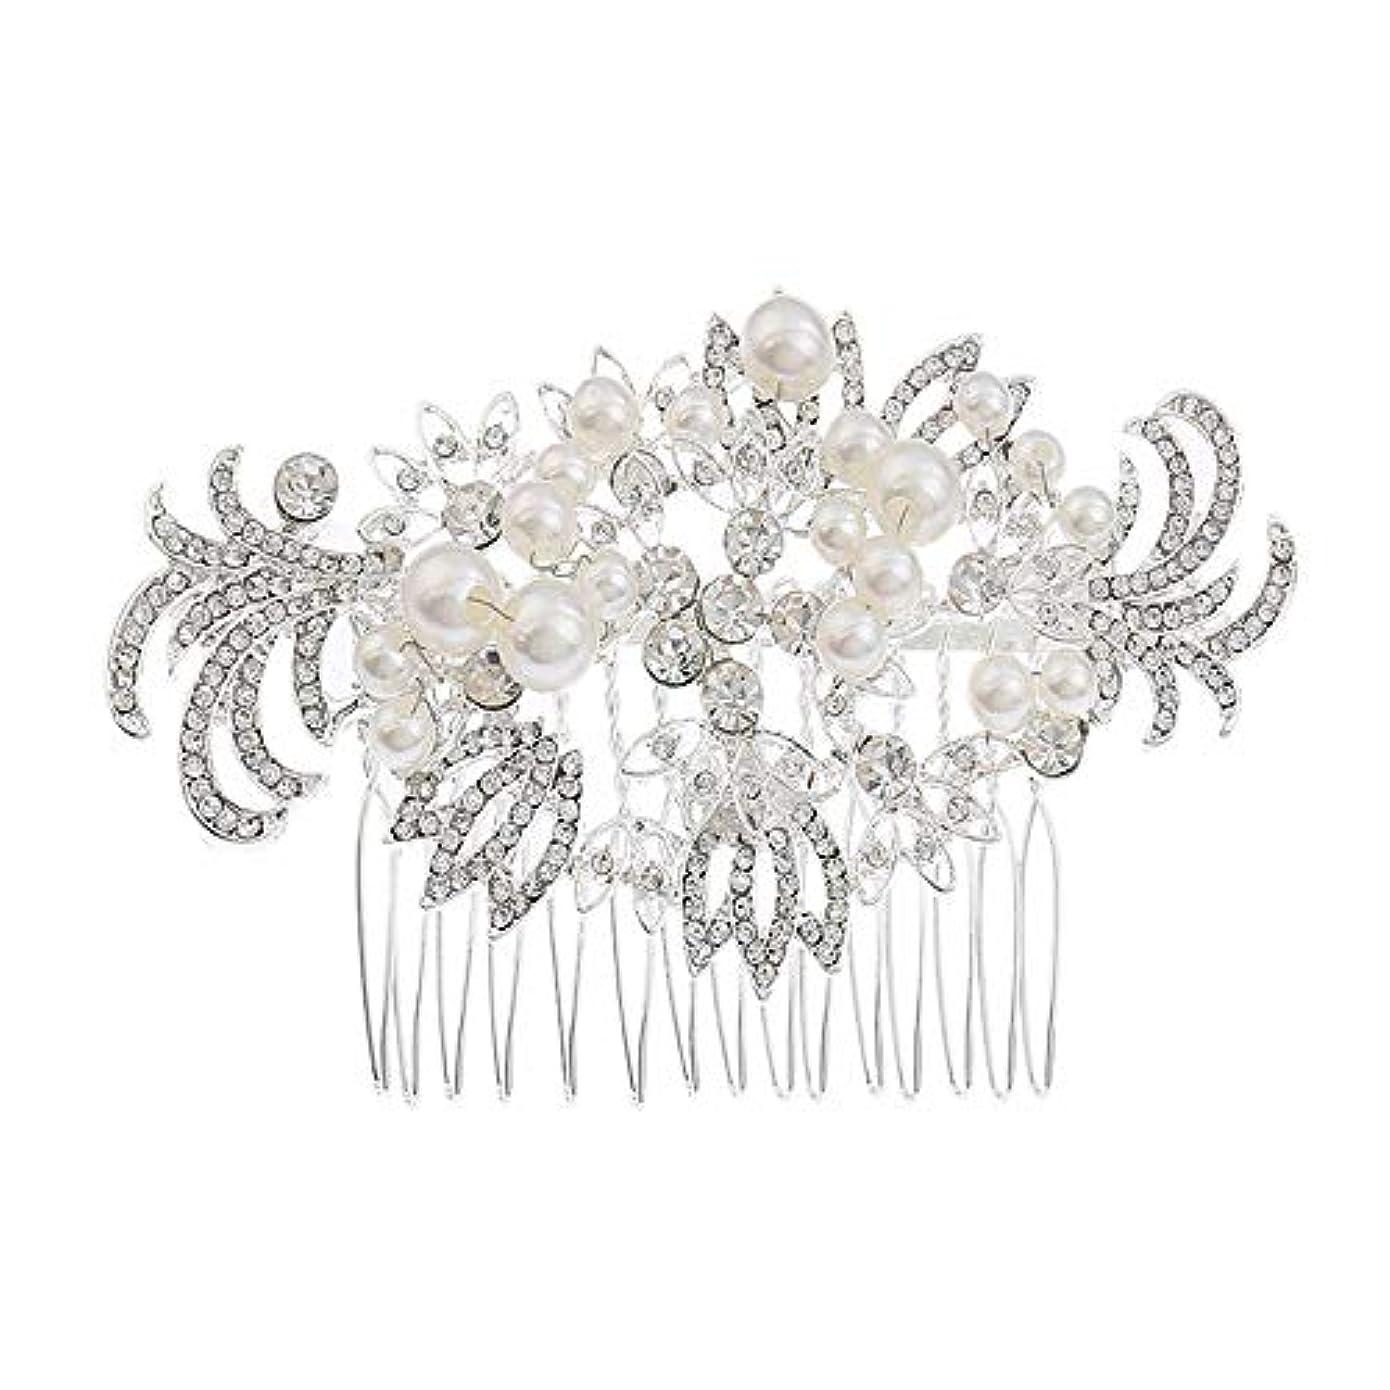 計画難破船ボウリング髪の櫛挿入櫛花嫁の髪櫛真珠の髪の櫛ラインストーンの髪の櫛結婚式のヘアアクセサリー合金の帽子ブライダルヘッドドレス